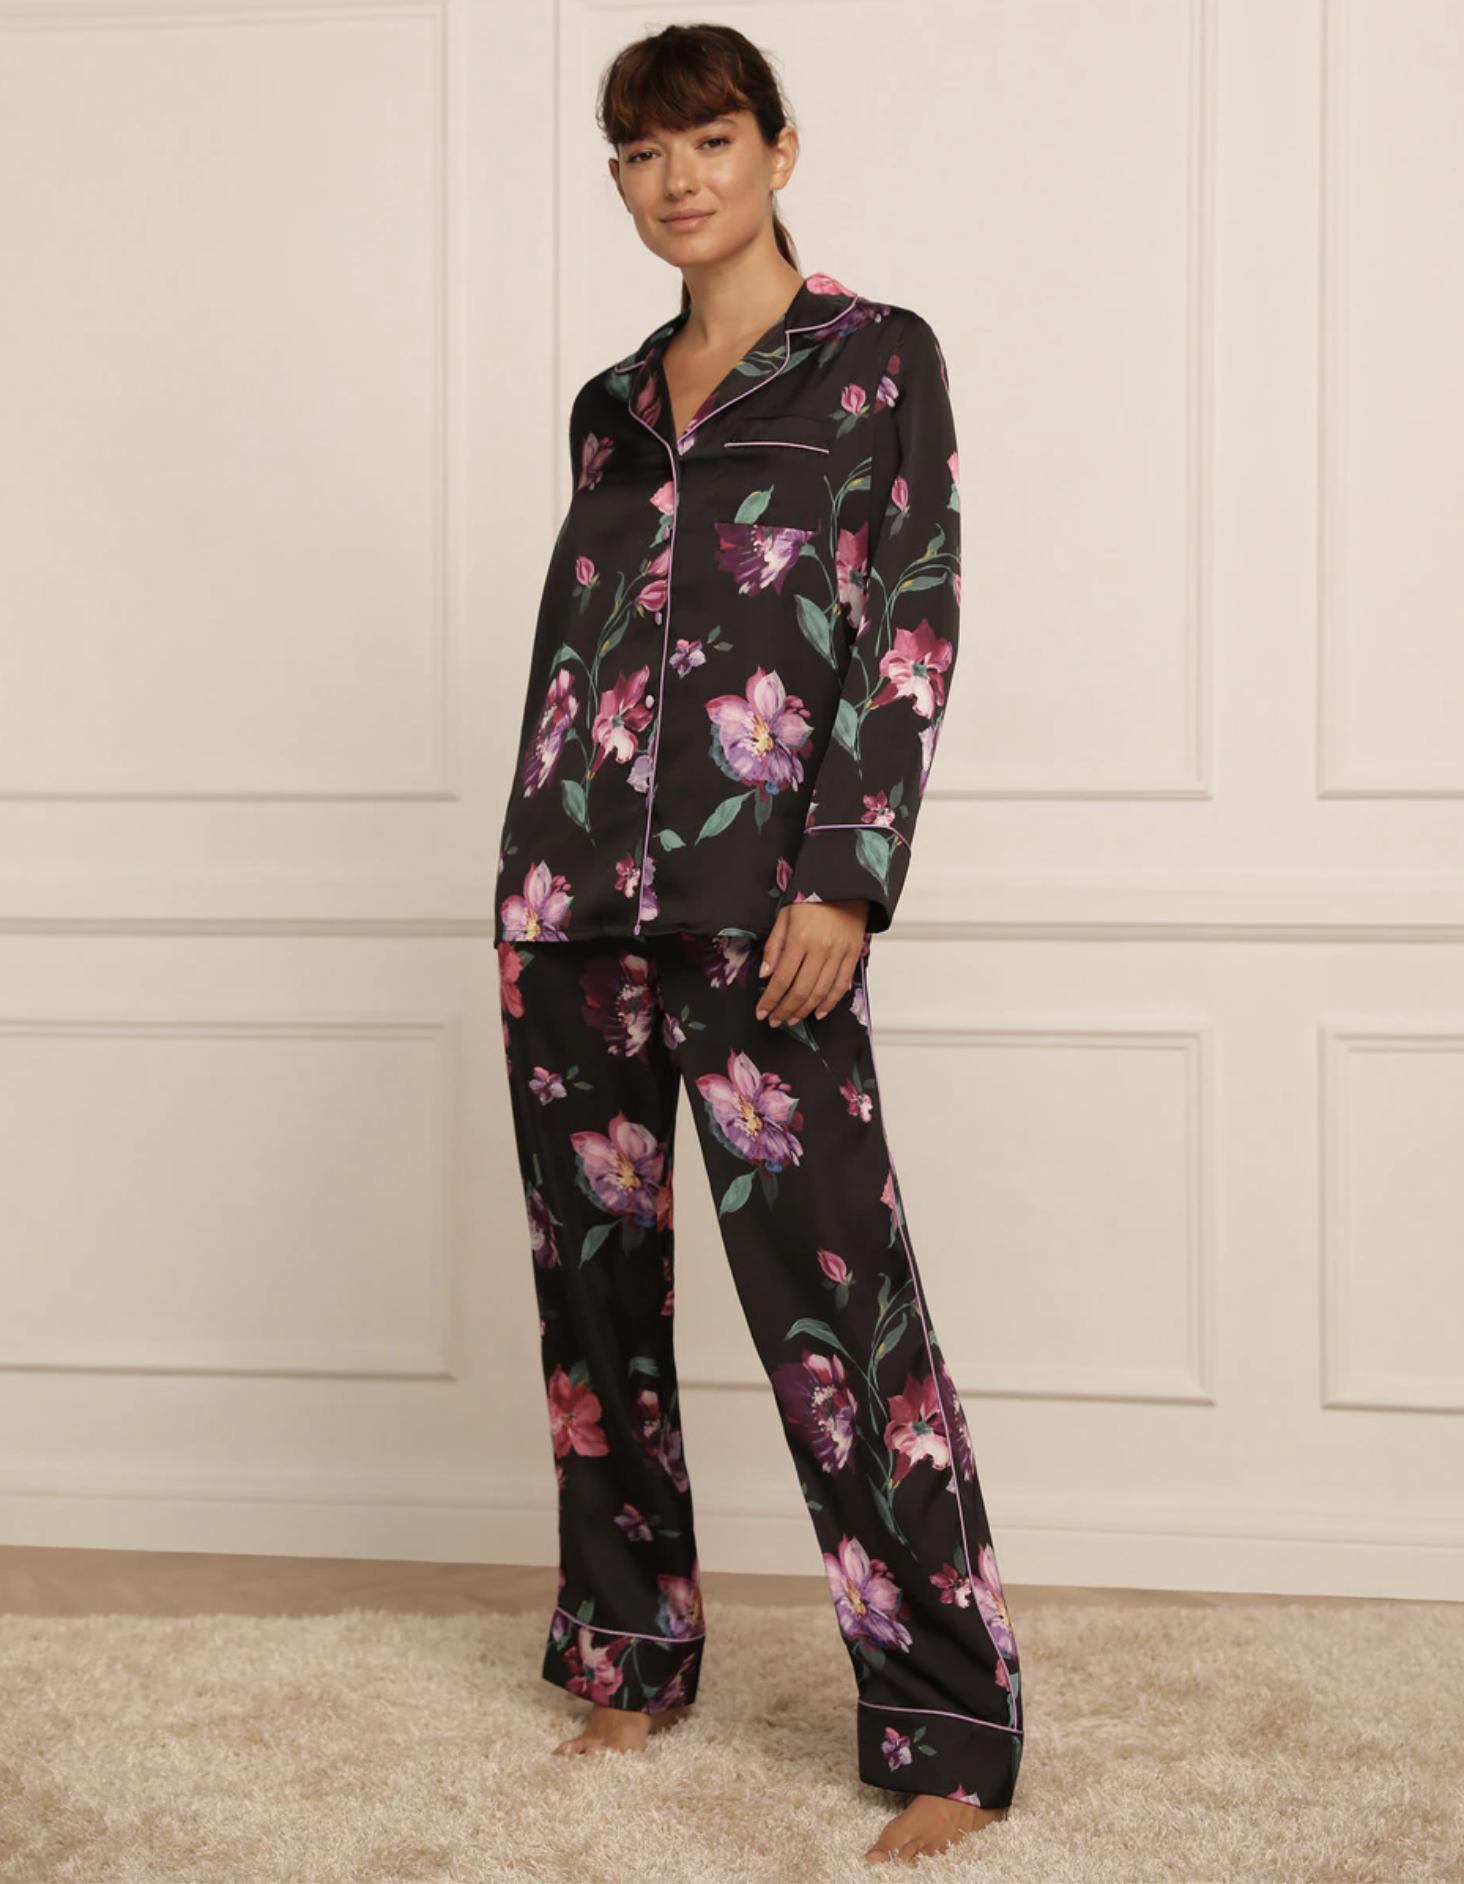 Pijama de mujer largo Tejido Soft con estampado floral